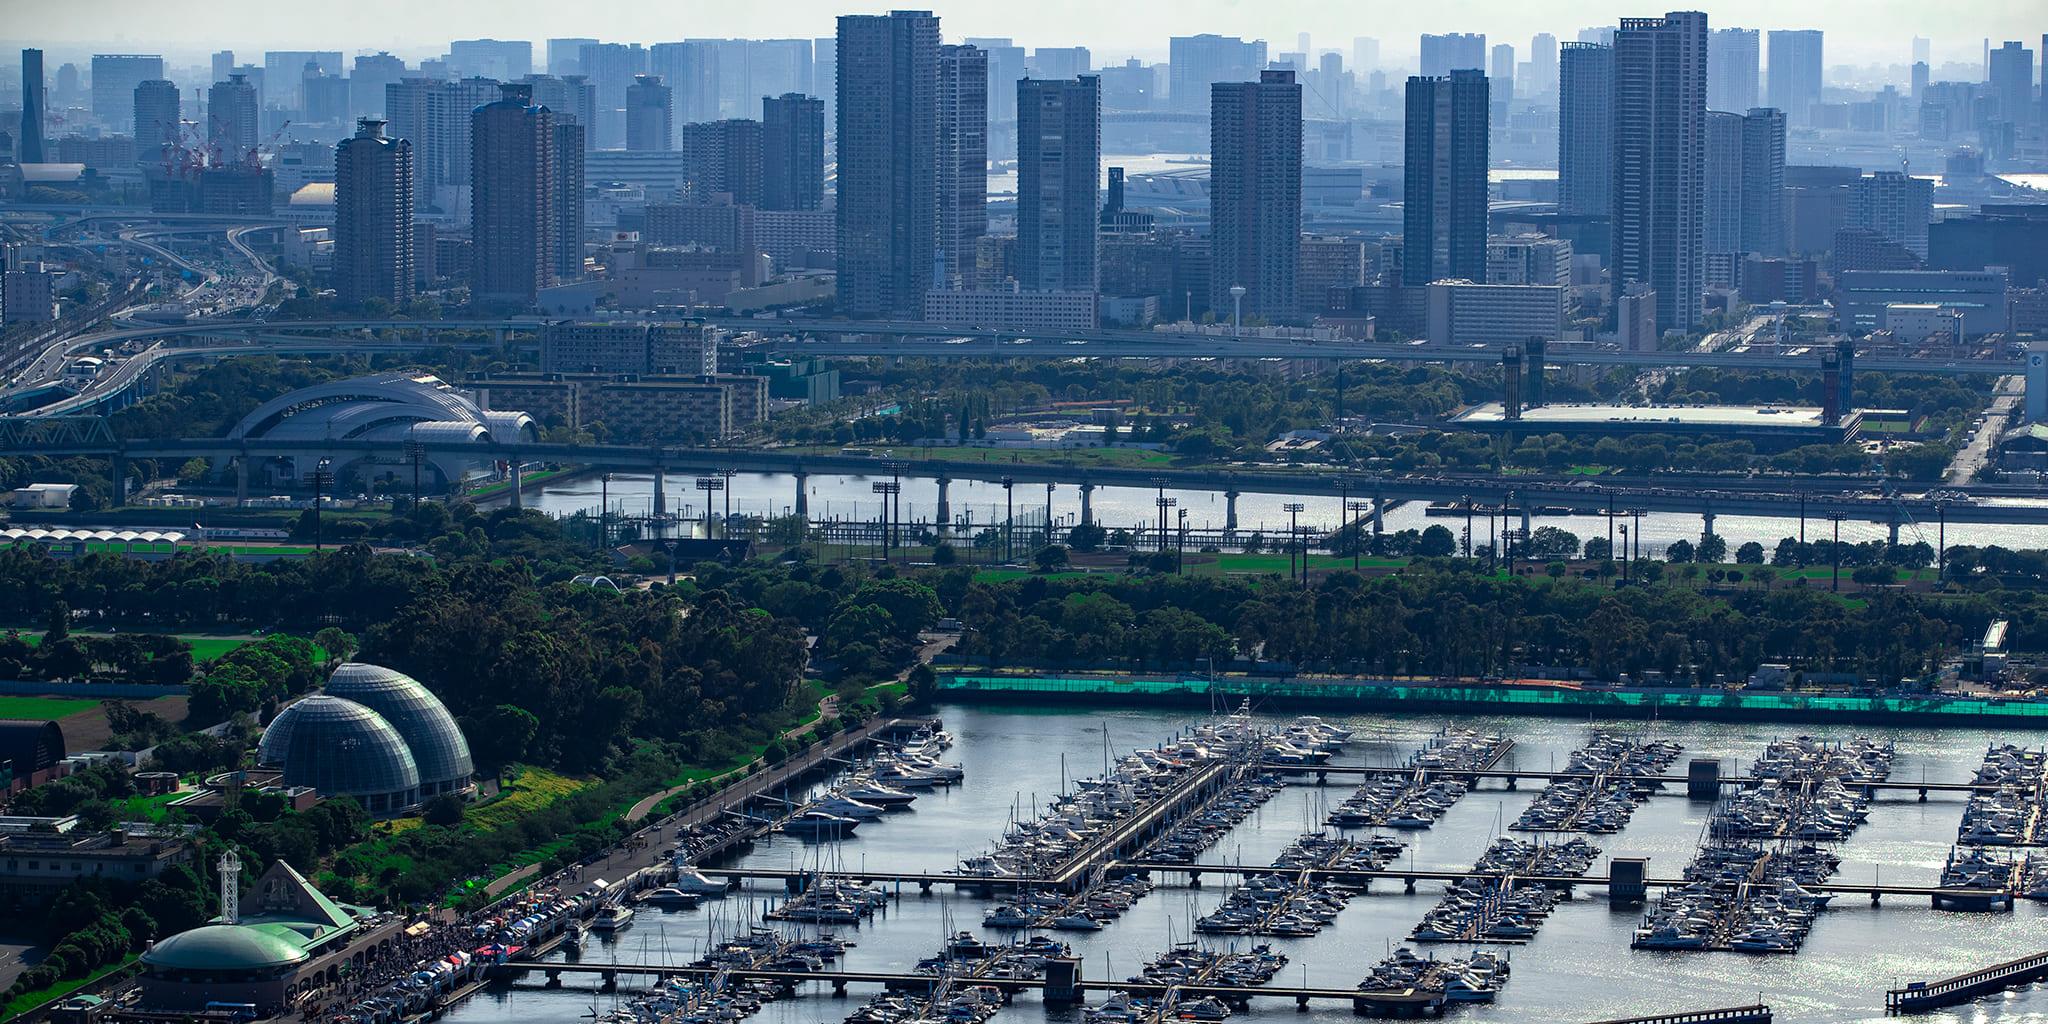 ヘリコプターで東京上空から見下ろす東京夢の島マリーナ